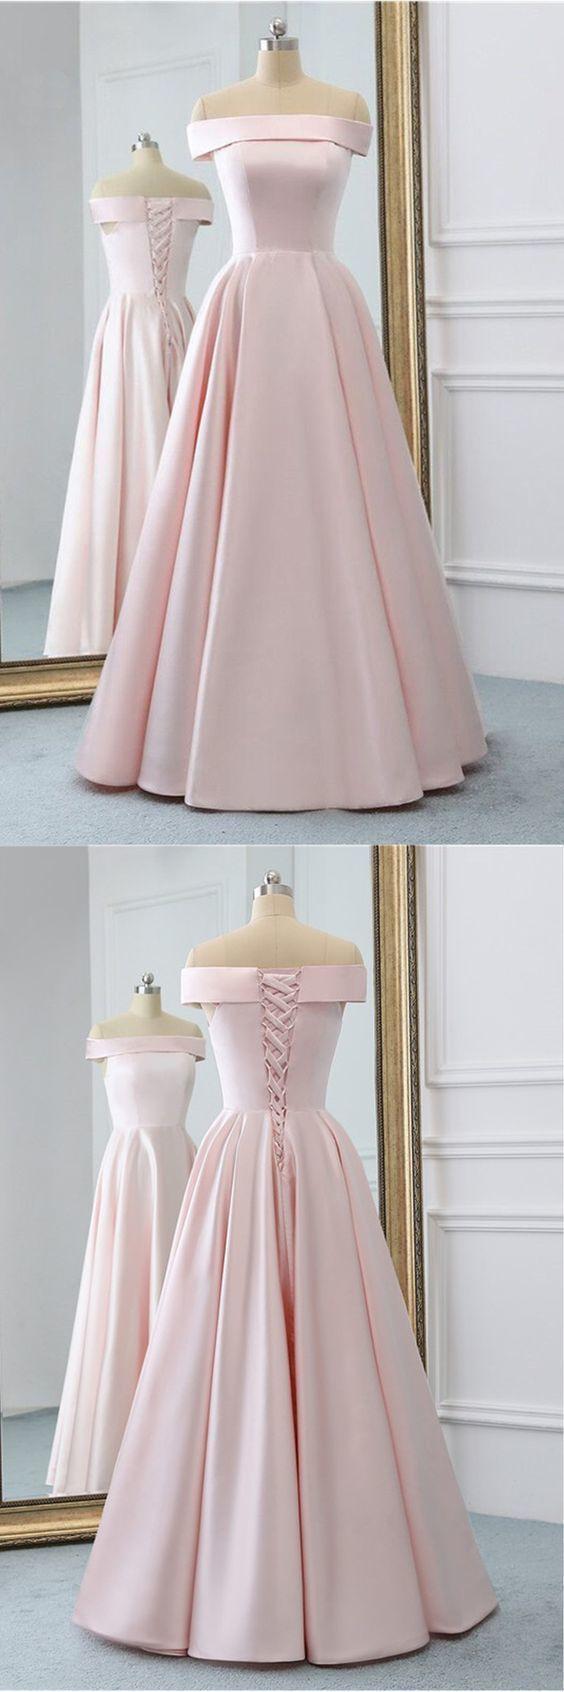 10 Schön Abendkleider Rosa für 2019Formal Erstaunlich Abendkleider Rosa Stylish